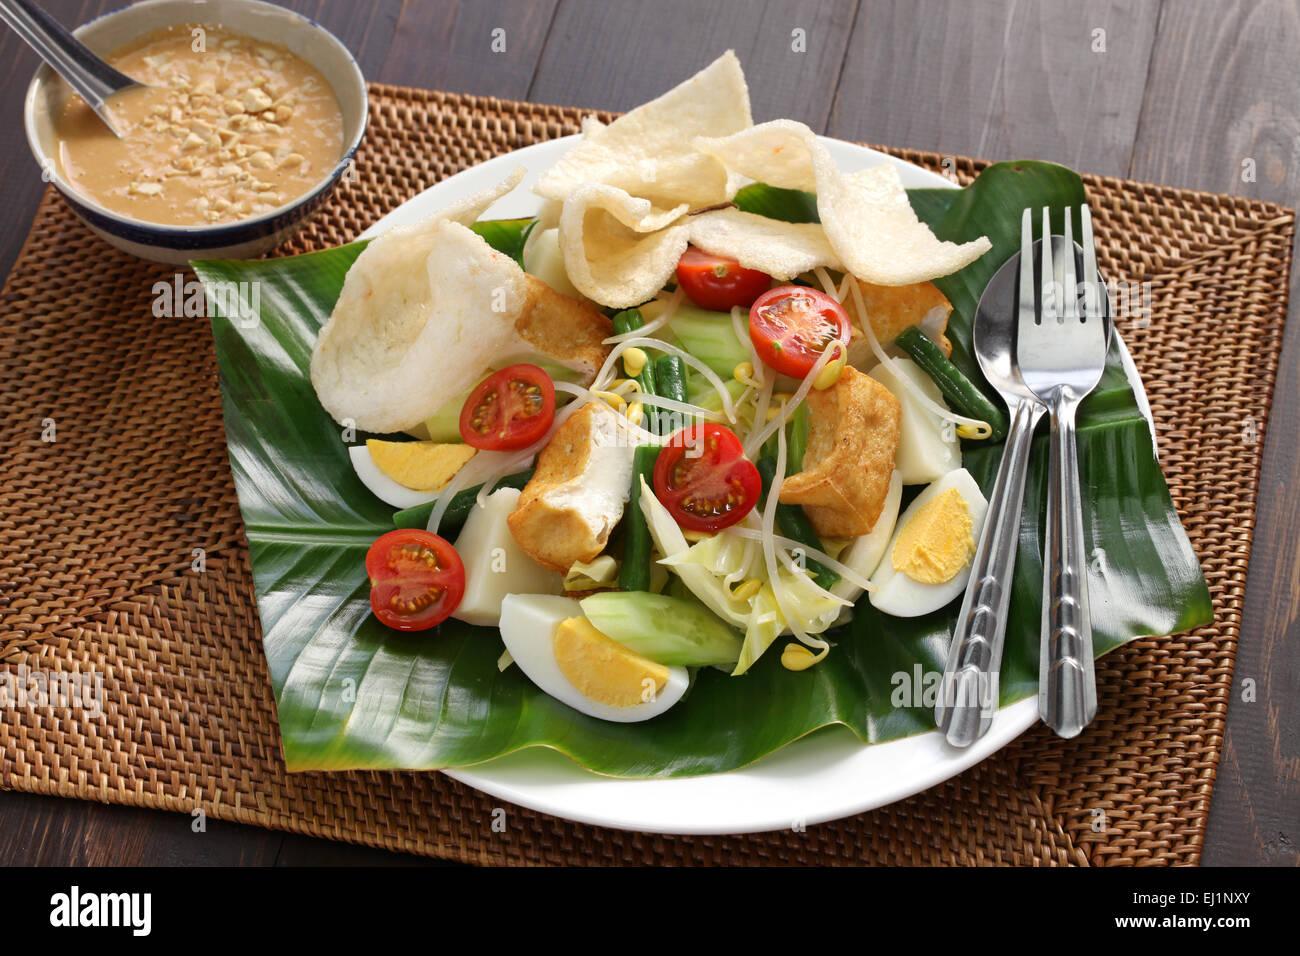 gado gado, indonesian salad with peanut sauce and krupuk - Stock Image